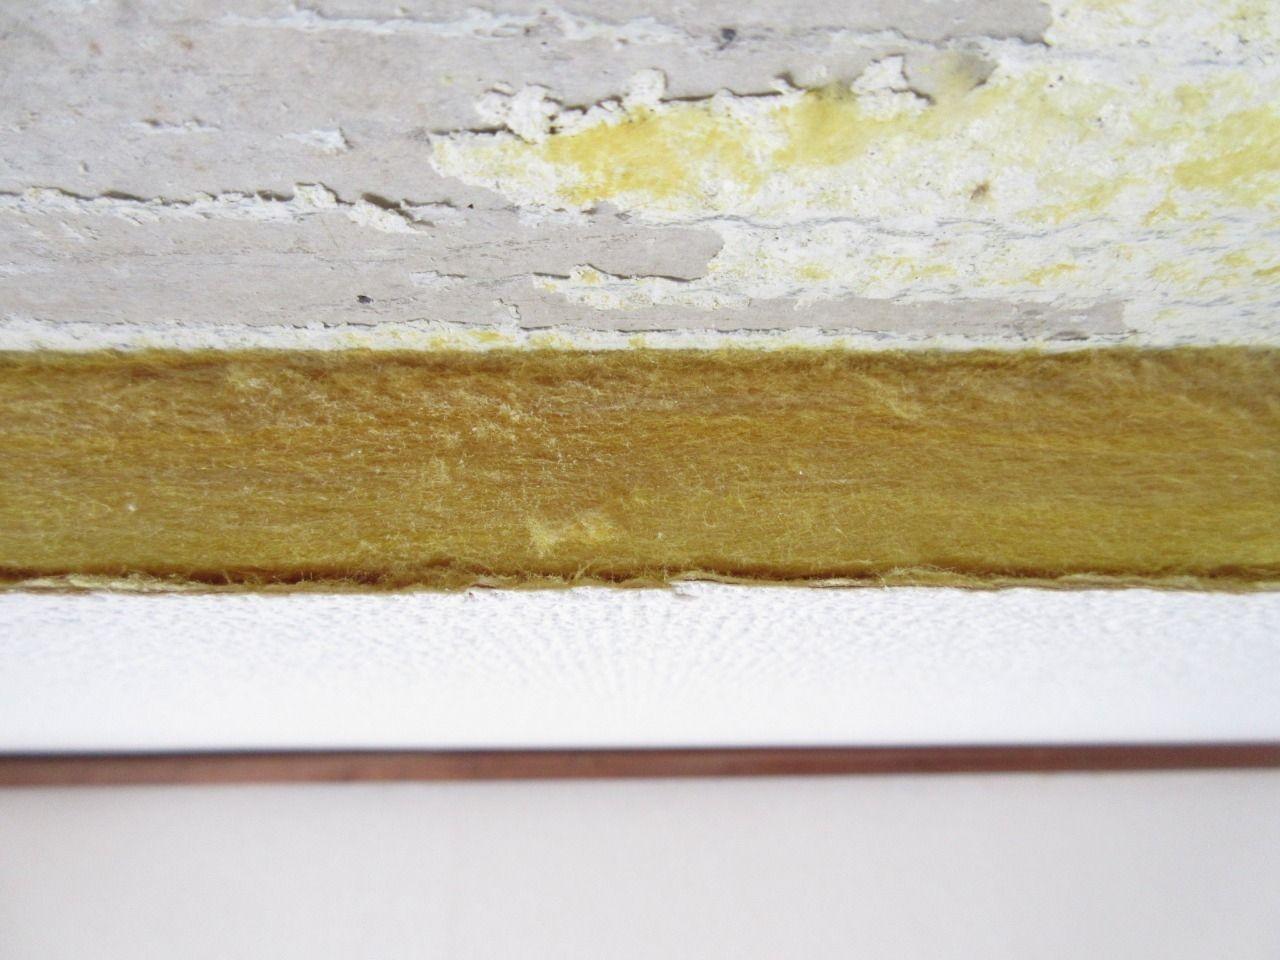 天井材の断面がどうなっているか見たことがありますか?  一般の方で見たことがあるという方は少ないかもしれません。  ここの天井材は、『クロス→断熱材→クロス』の三層のボード状なモノが、天井に接着剤で貼りつけられていました。  何ともない断面だとは思いますが、天井を剥がしてみないと分からない部分でもあります。